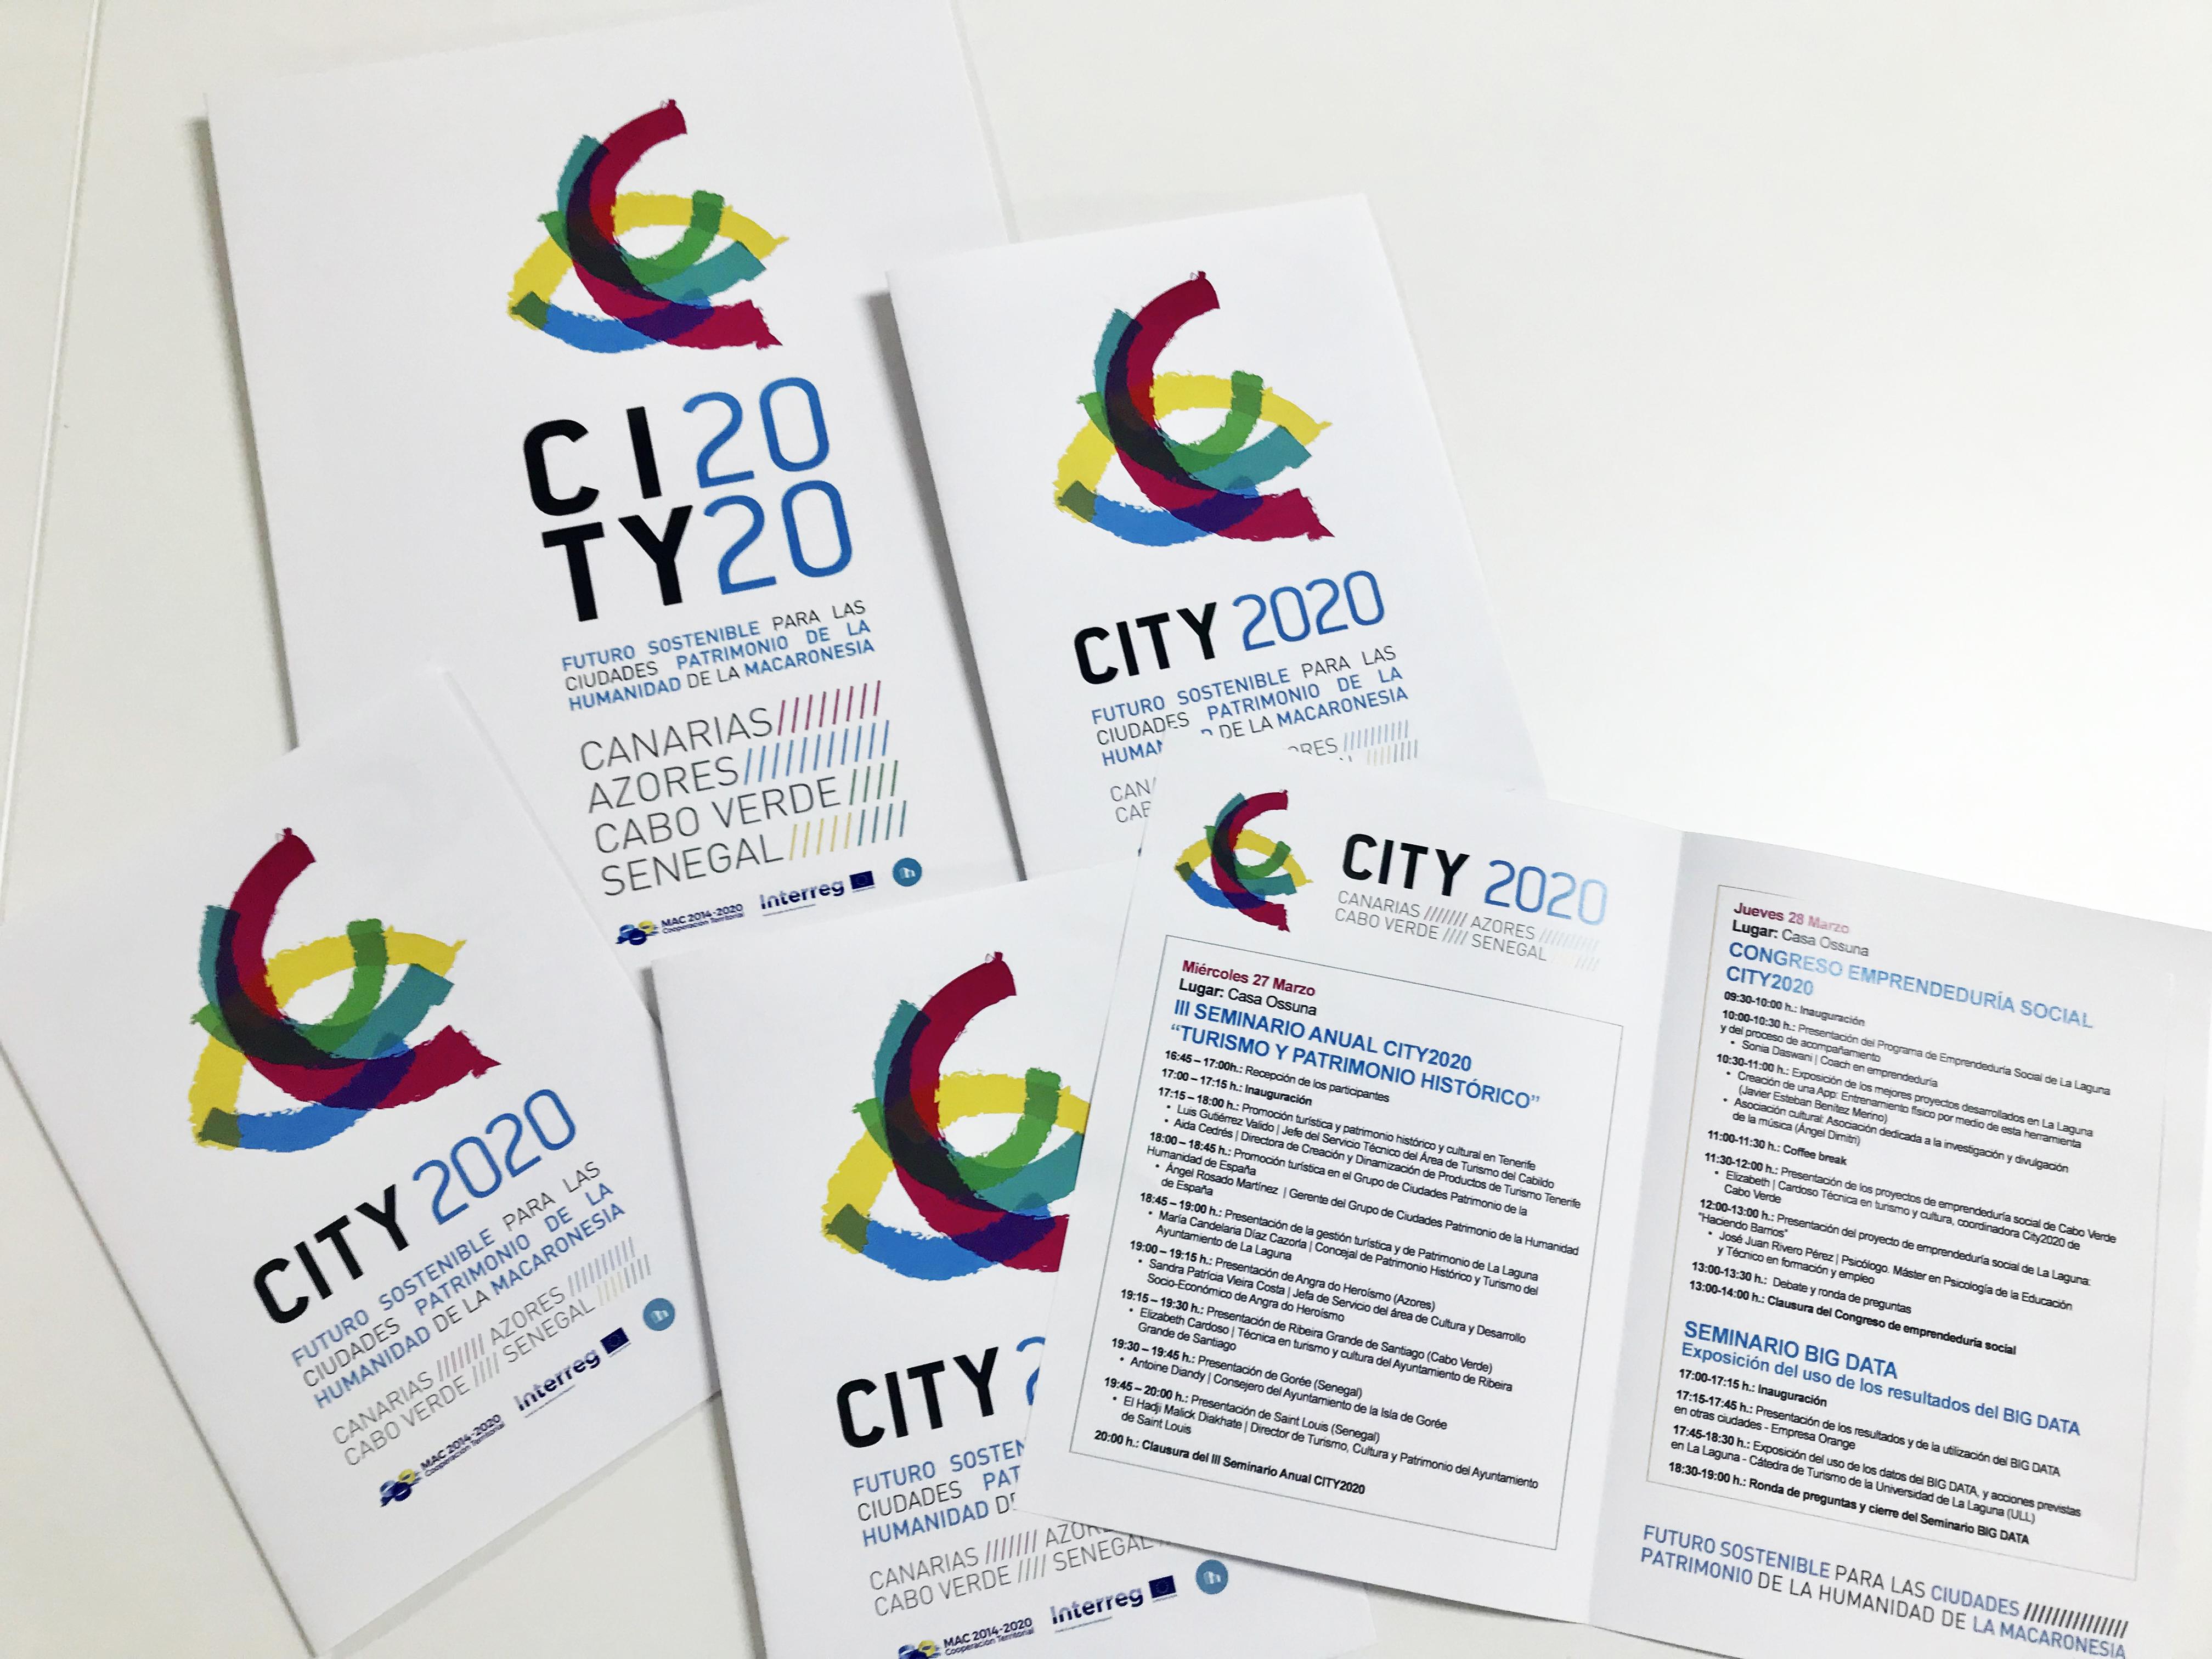 City2020, Ciudades Patrimonio de la Humanidad.